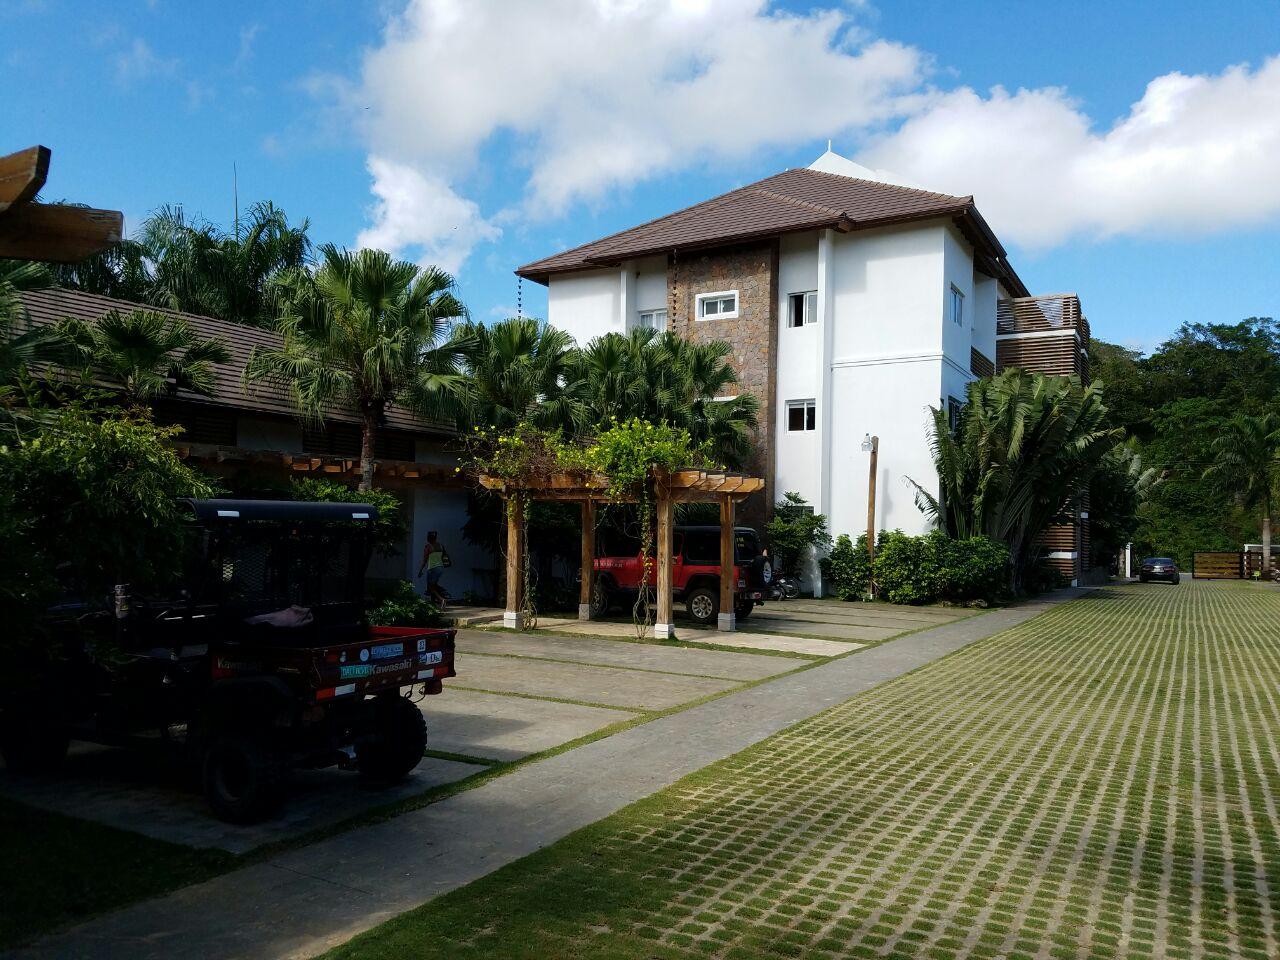 condo for sale in las terrenas dominican republic 1.jpeg